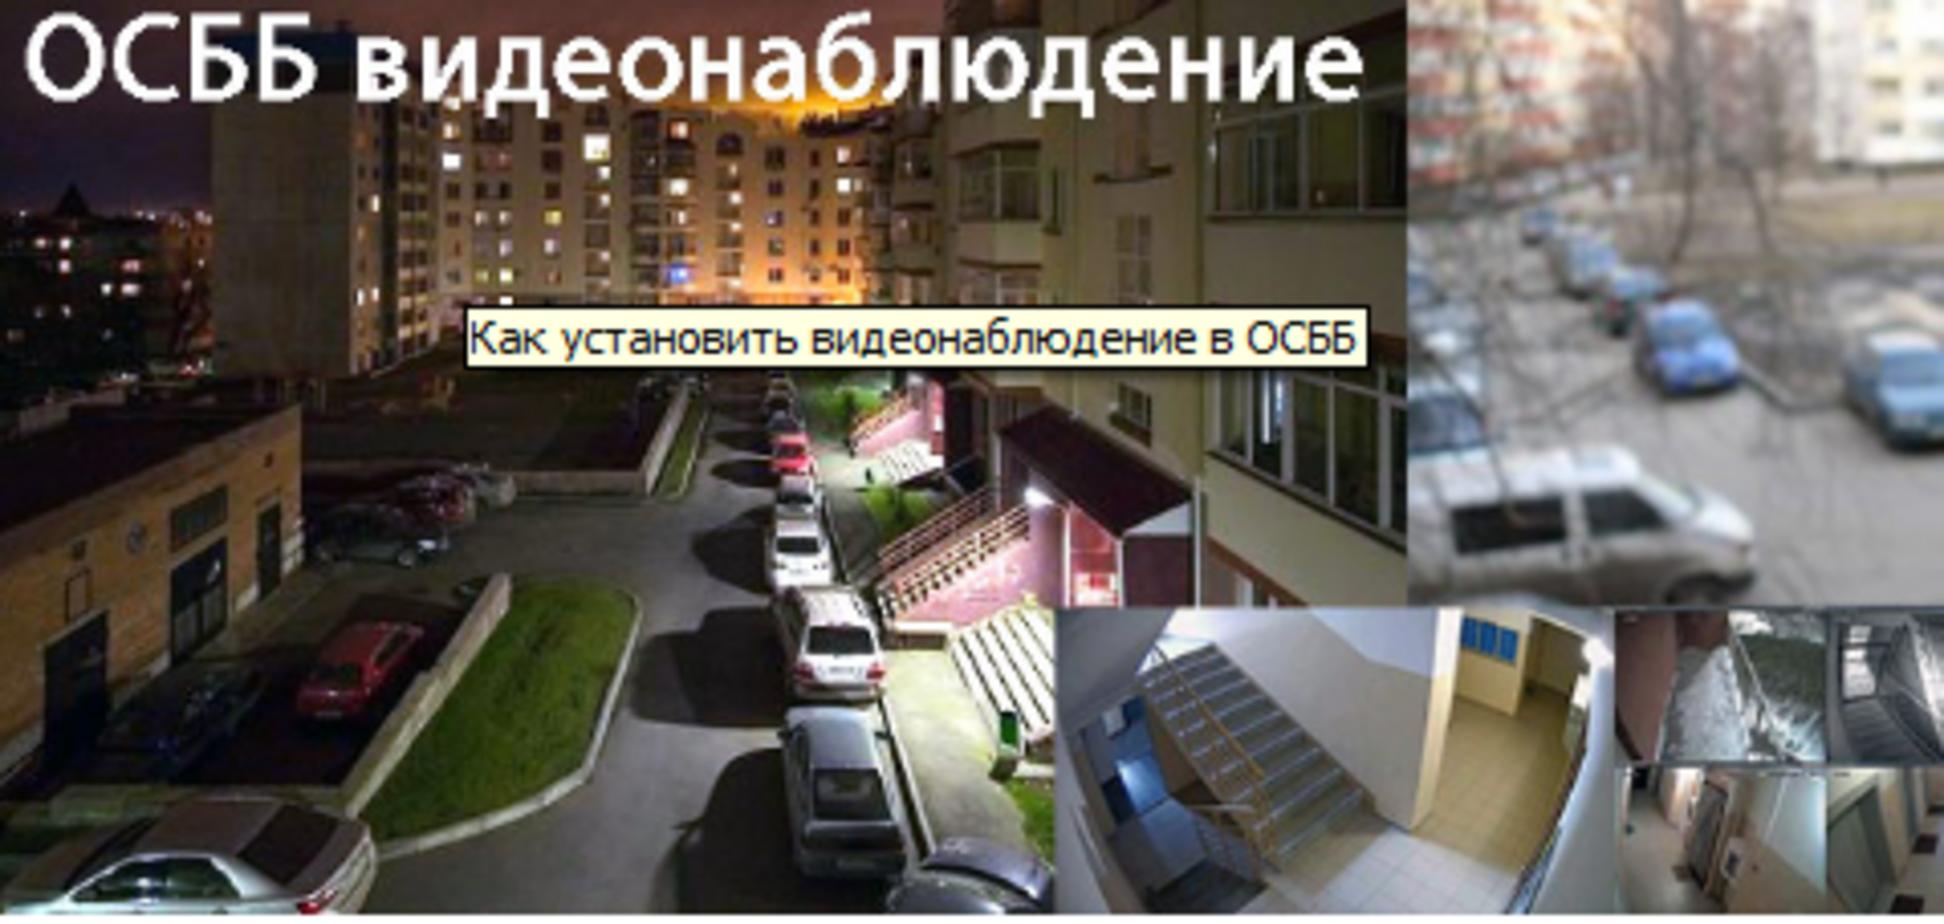 Как установить видеонаблюдение в ОСМД: украинцам дали практичные советы Киевлянин поделился собственным опытом